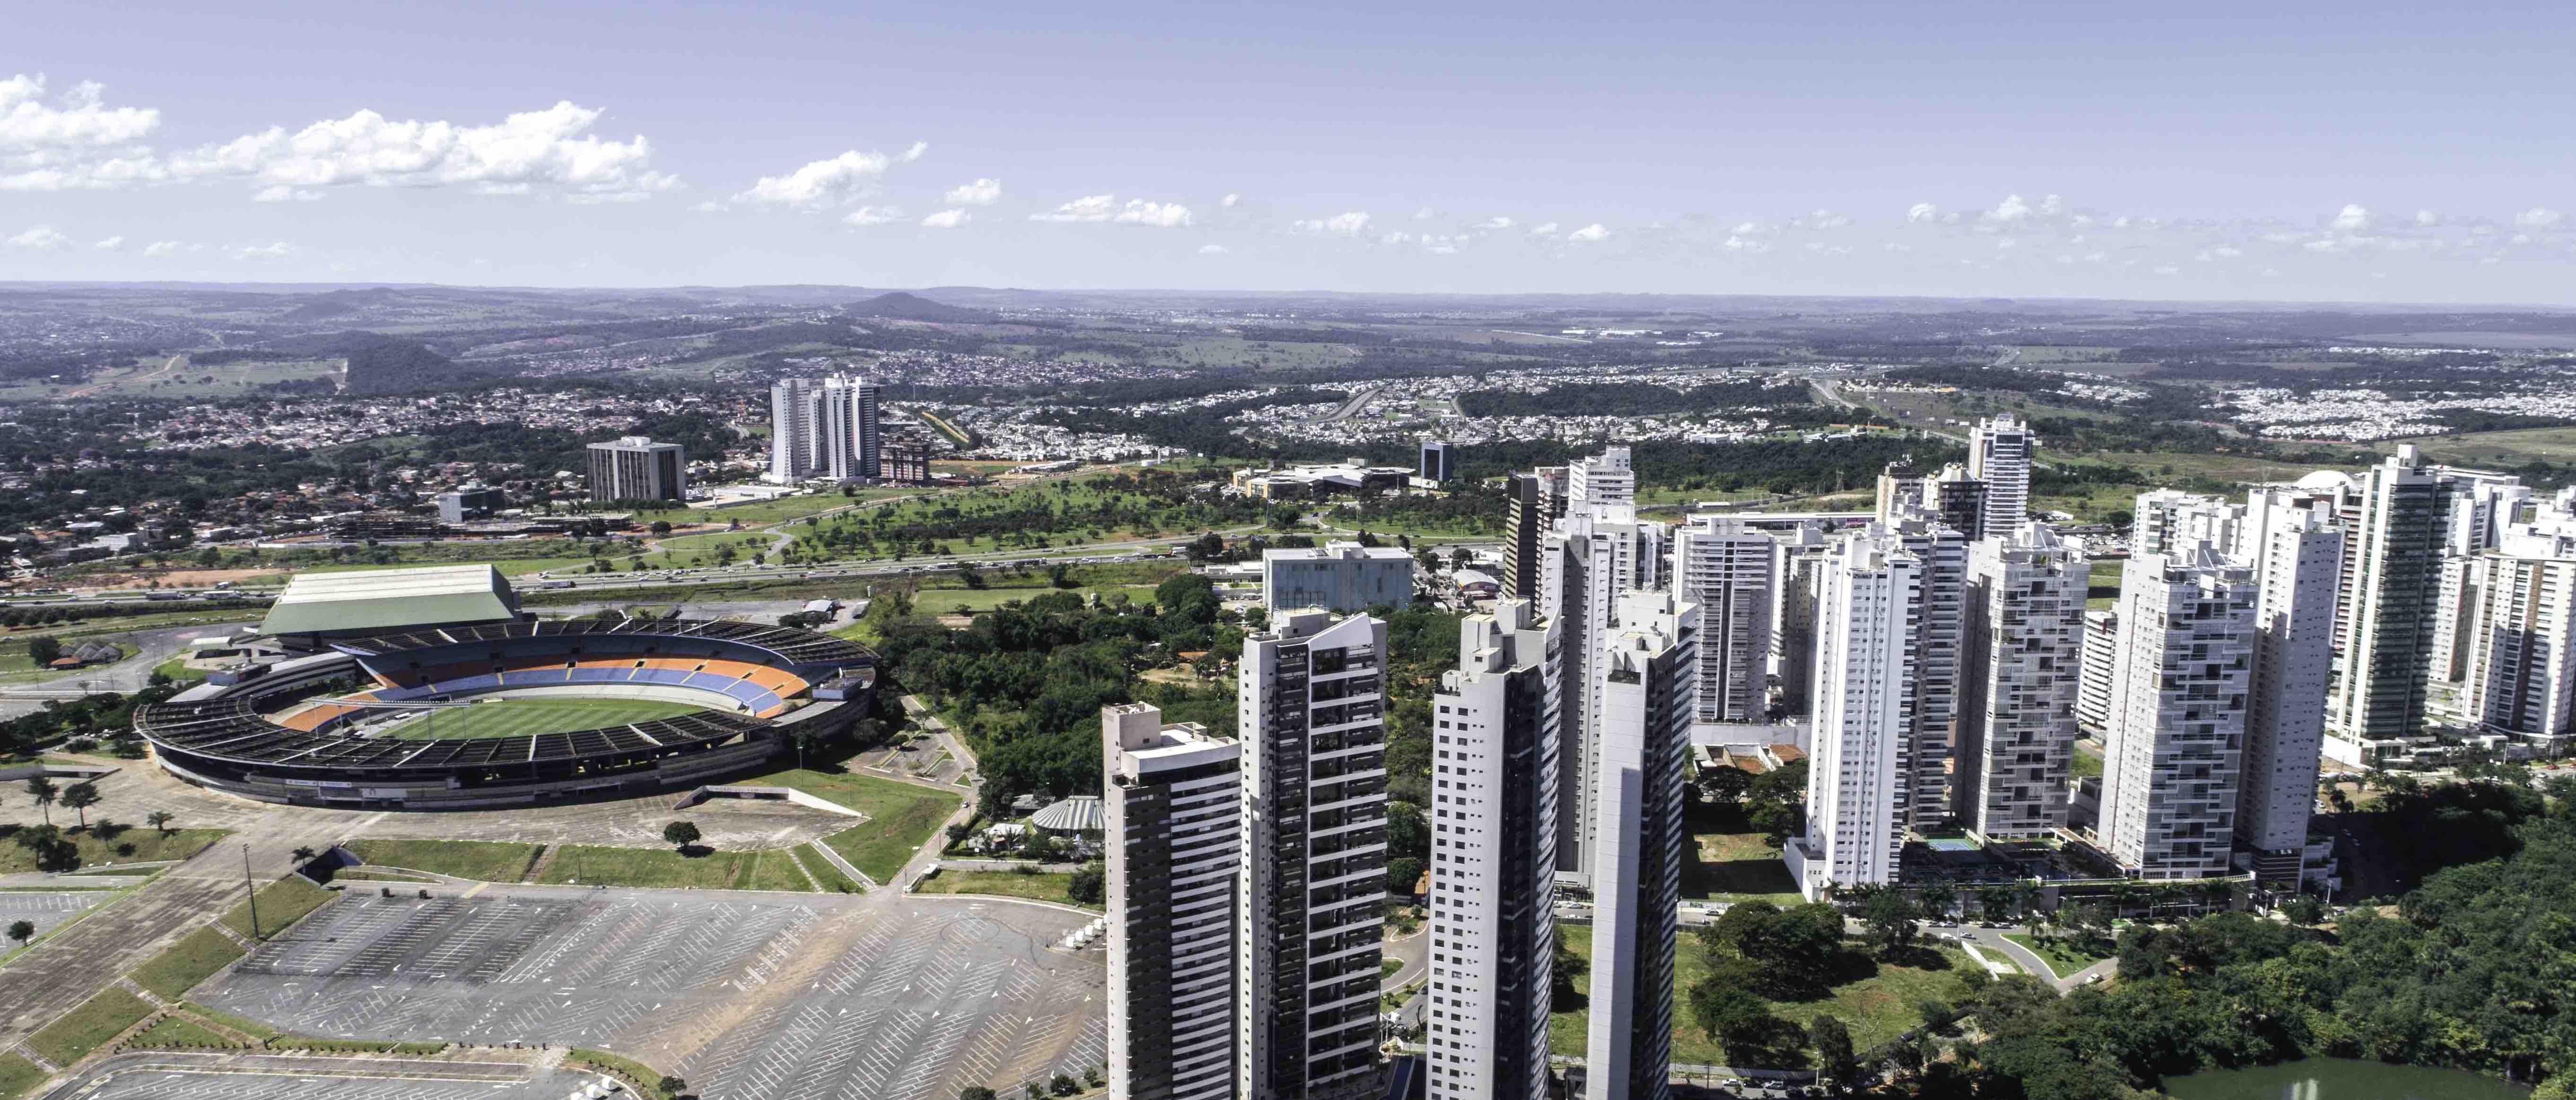 Foto do estado de Goiás.